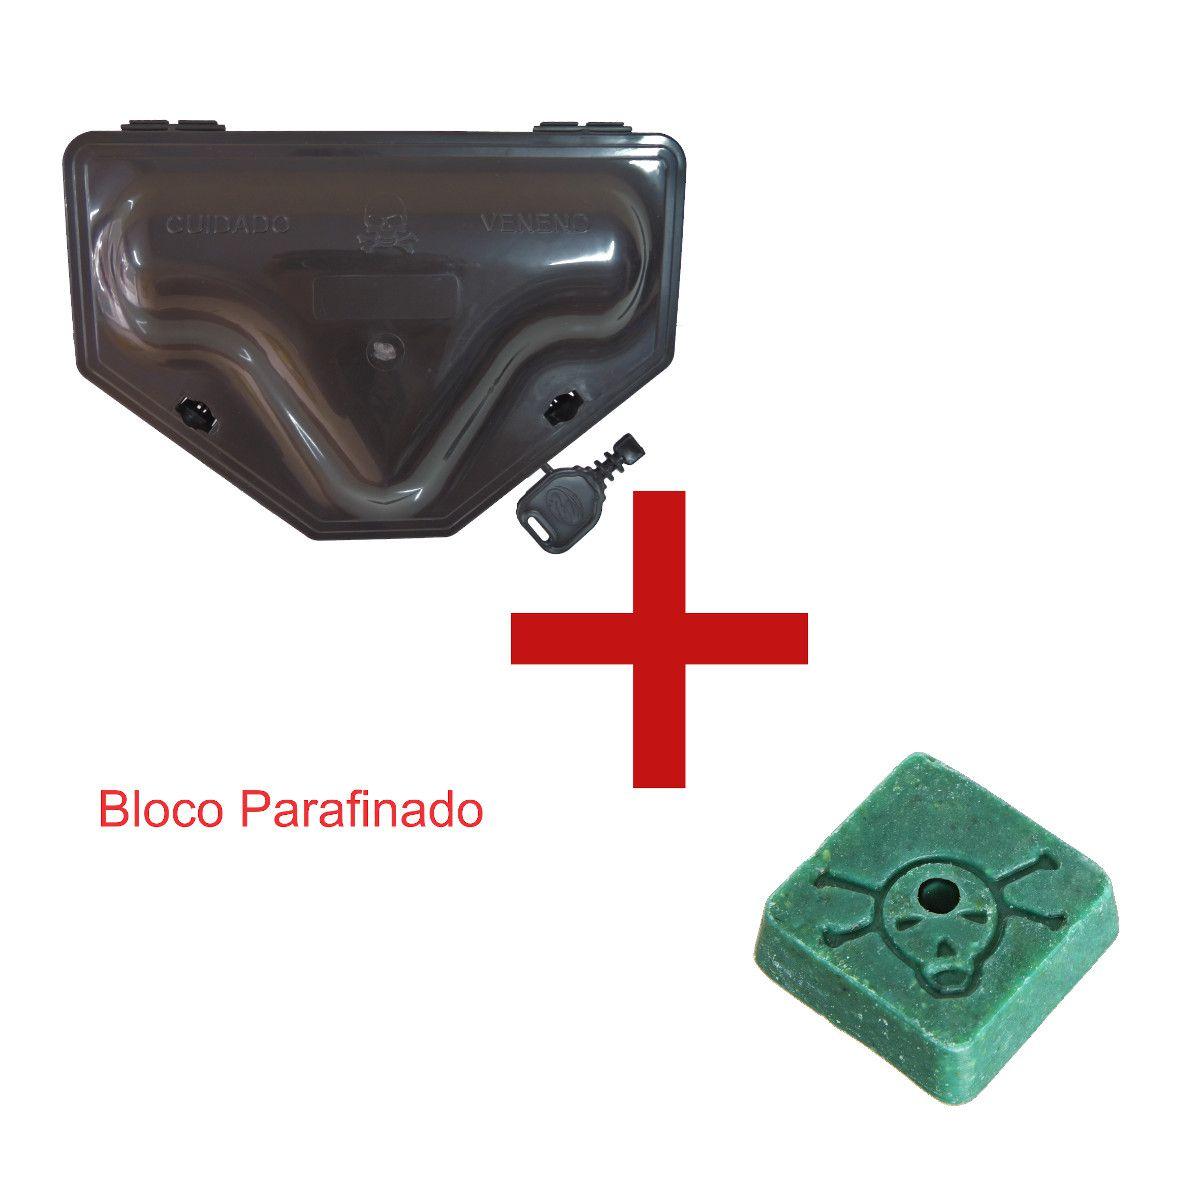 36 Porta Iscas C/ Duplo Travamento + 36 Bloco Parafinado